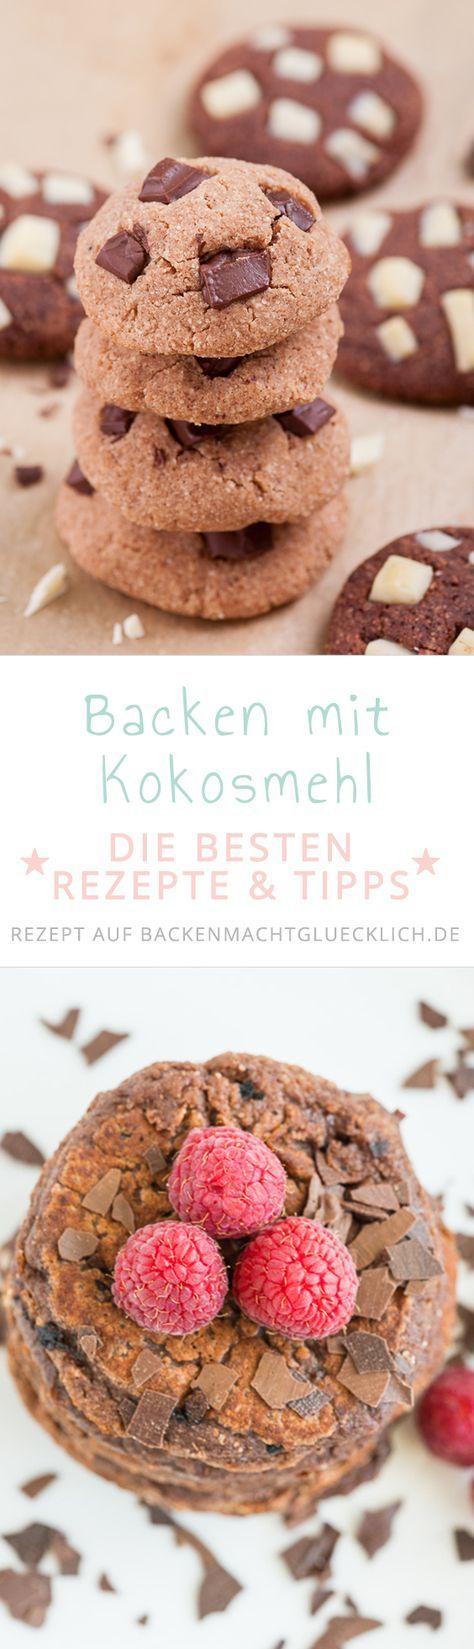 Backen Mit Kokosmehl Low Carb Pinterest Kokosmehl Kuchen